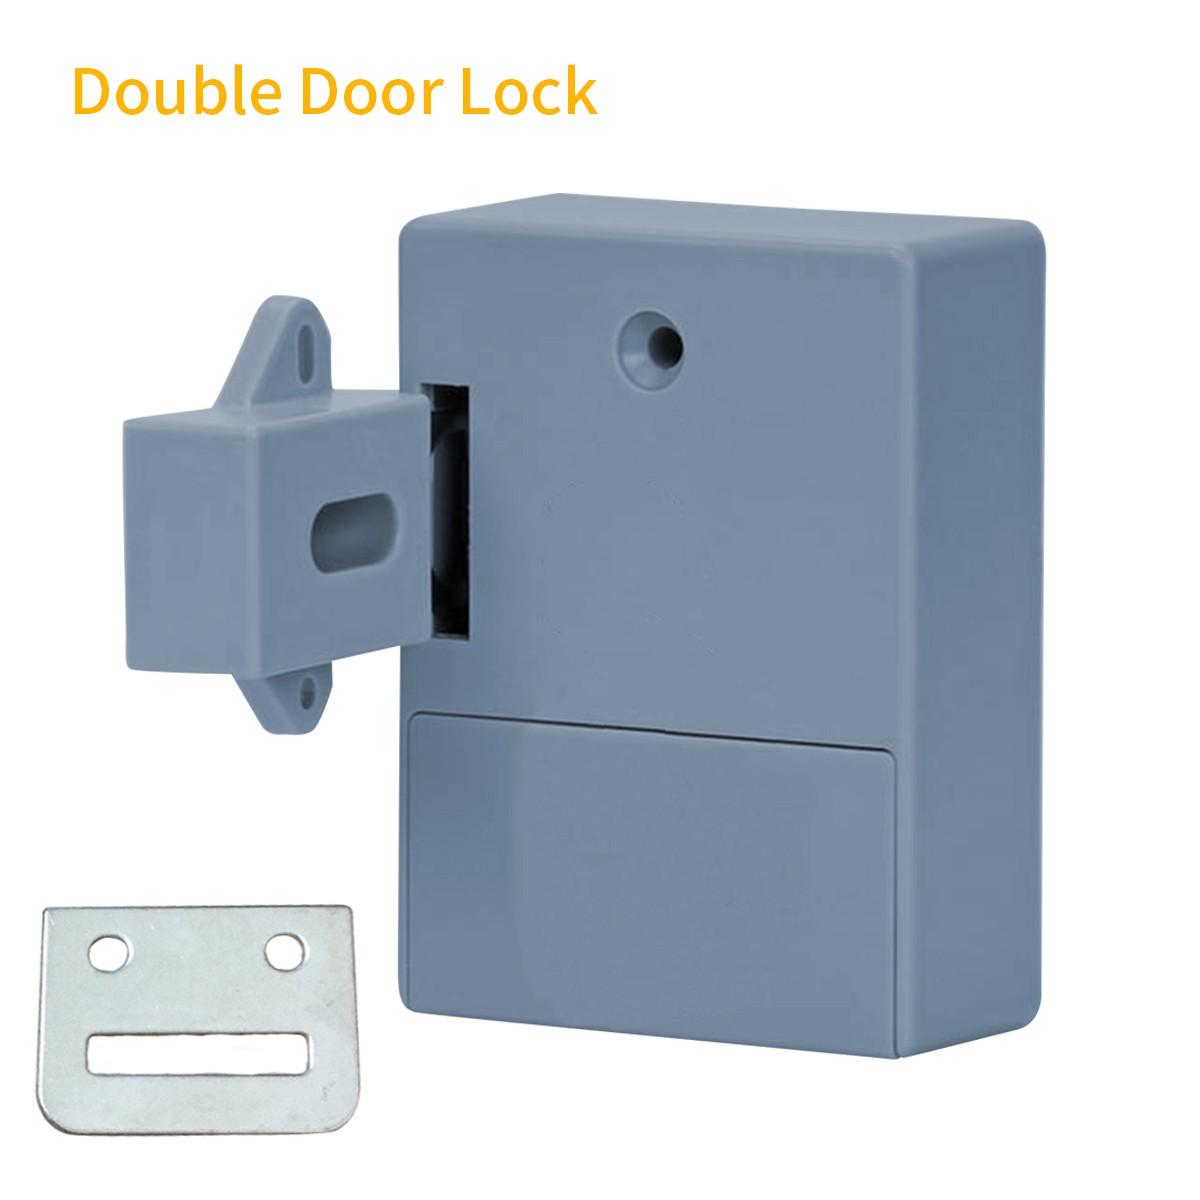 Smart Sensor Cabinet Lock Adhesive Hidden Drawer Lock Shoe Cabinet Wardrobe Bathroom Inductive Digital Lock for Double-opening Door Grey T3